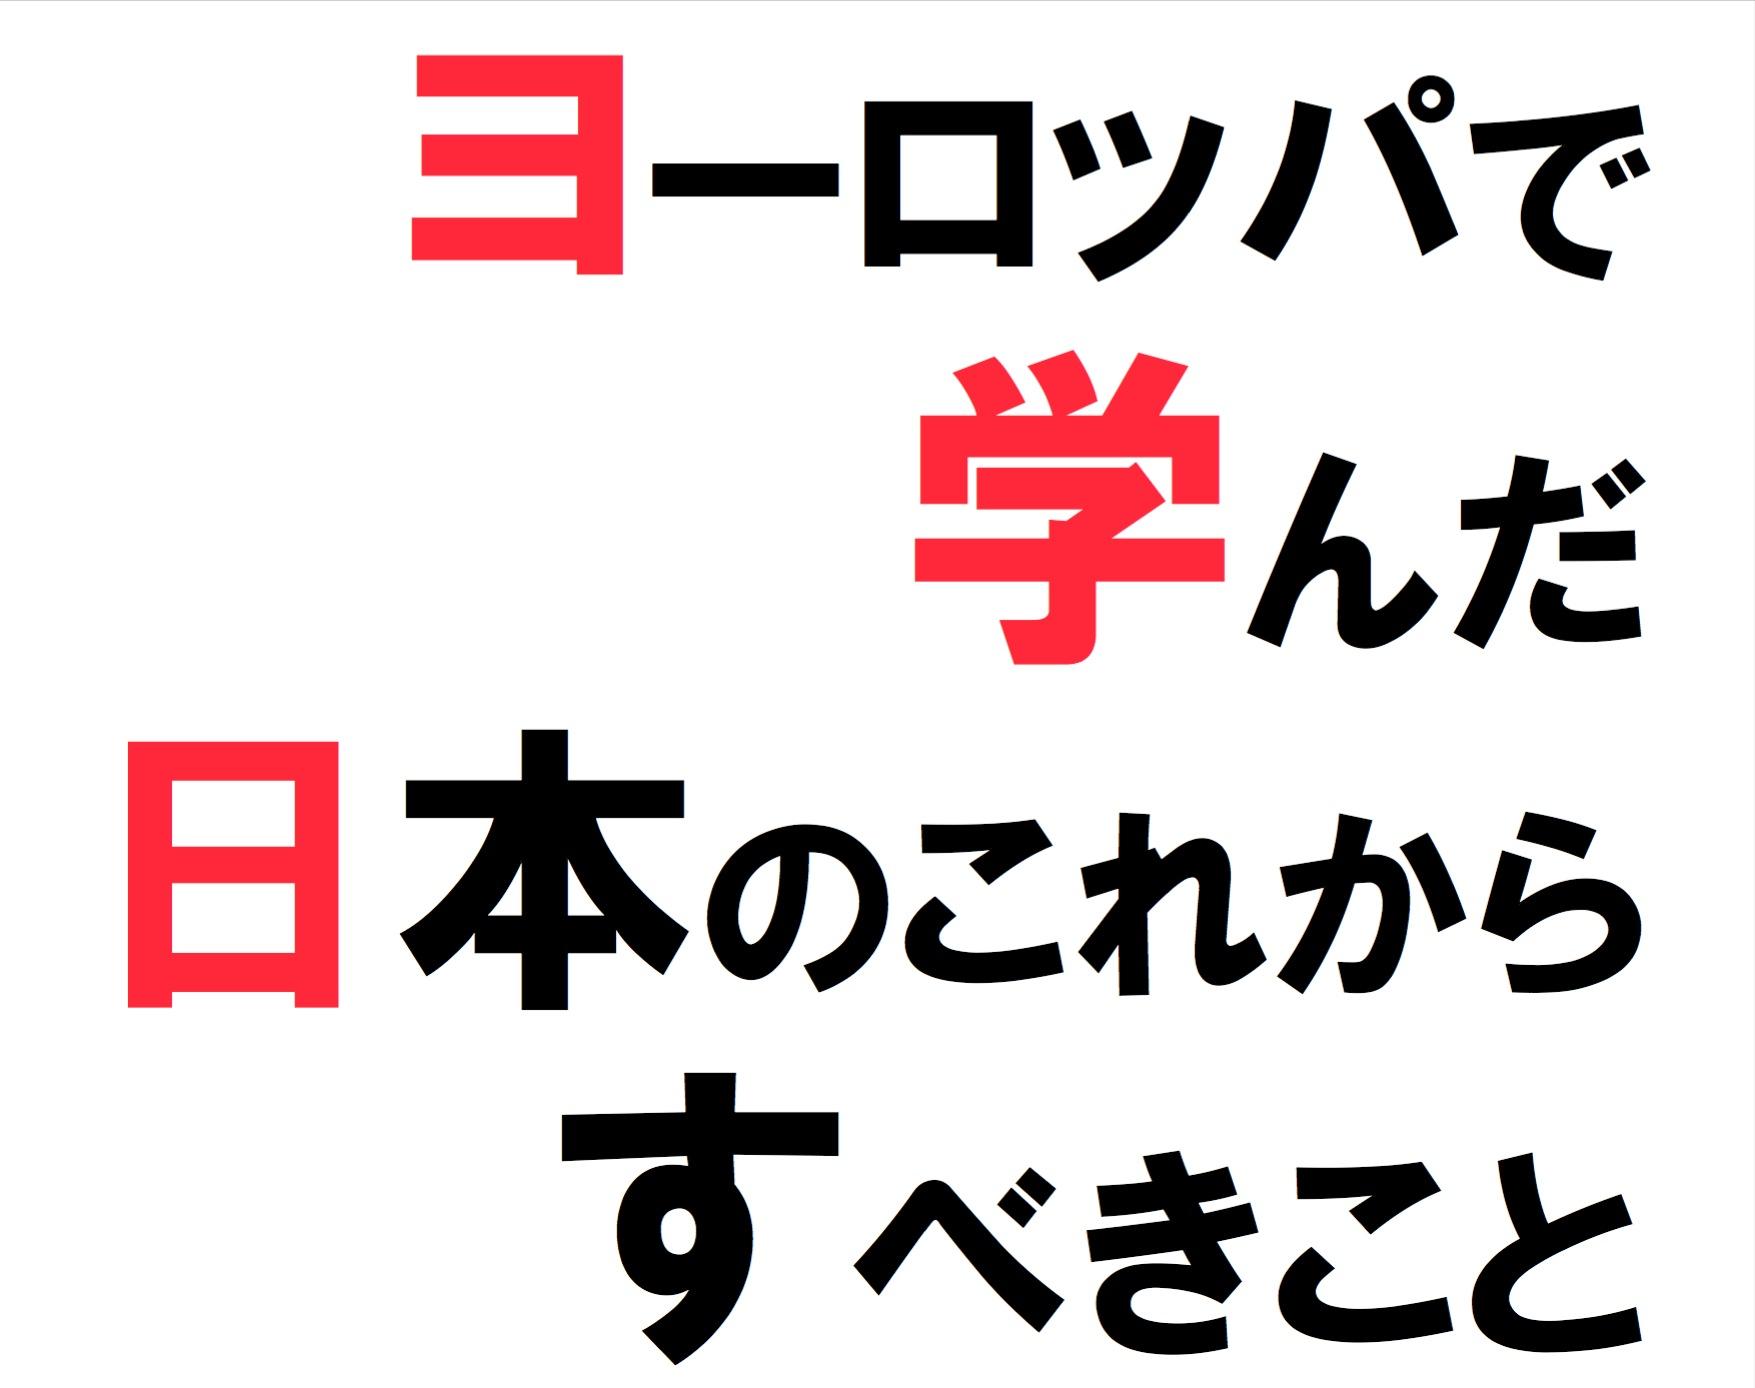 2013年11月ヨーロッパ視察報告『ヨーロッパで活躍している日本人に問い、学んだ、    日本のこれからすべきこと』~日本は素晴らしく良くなる.そのための強調論~